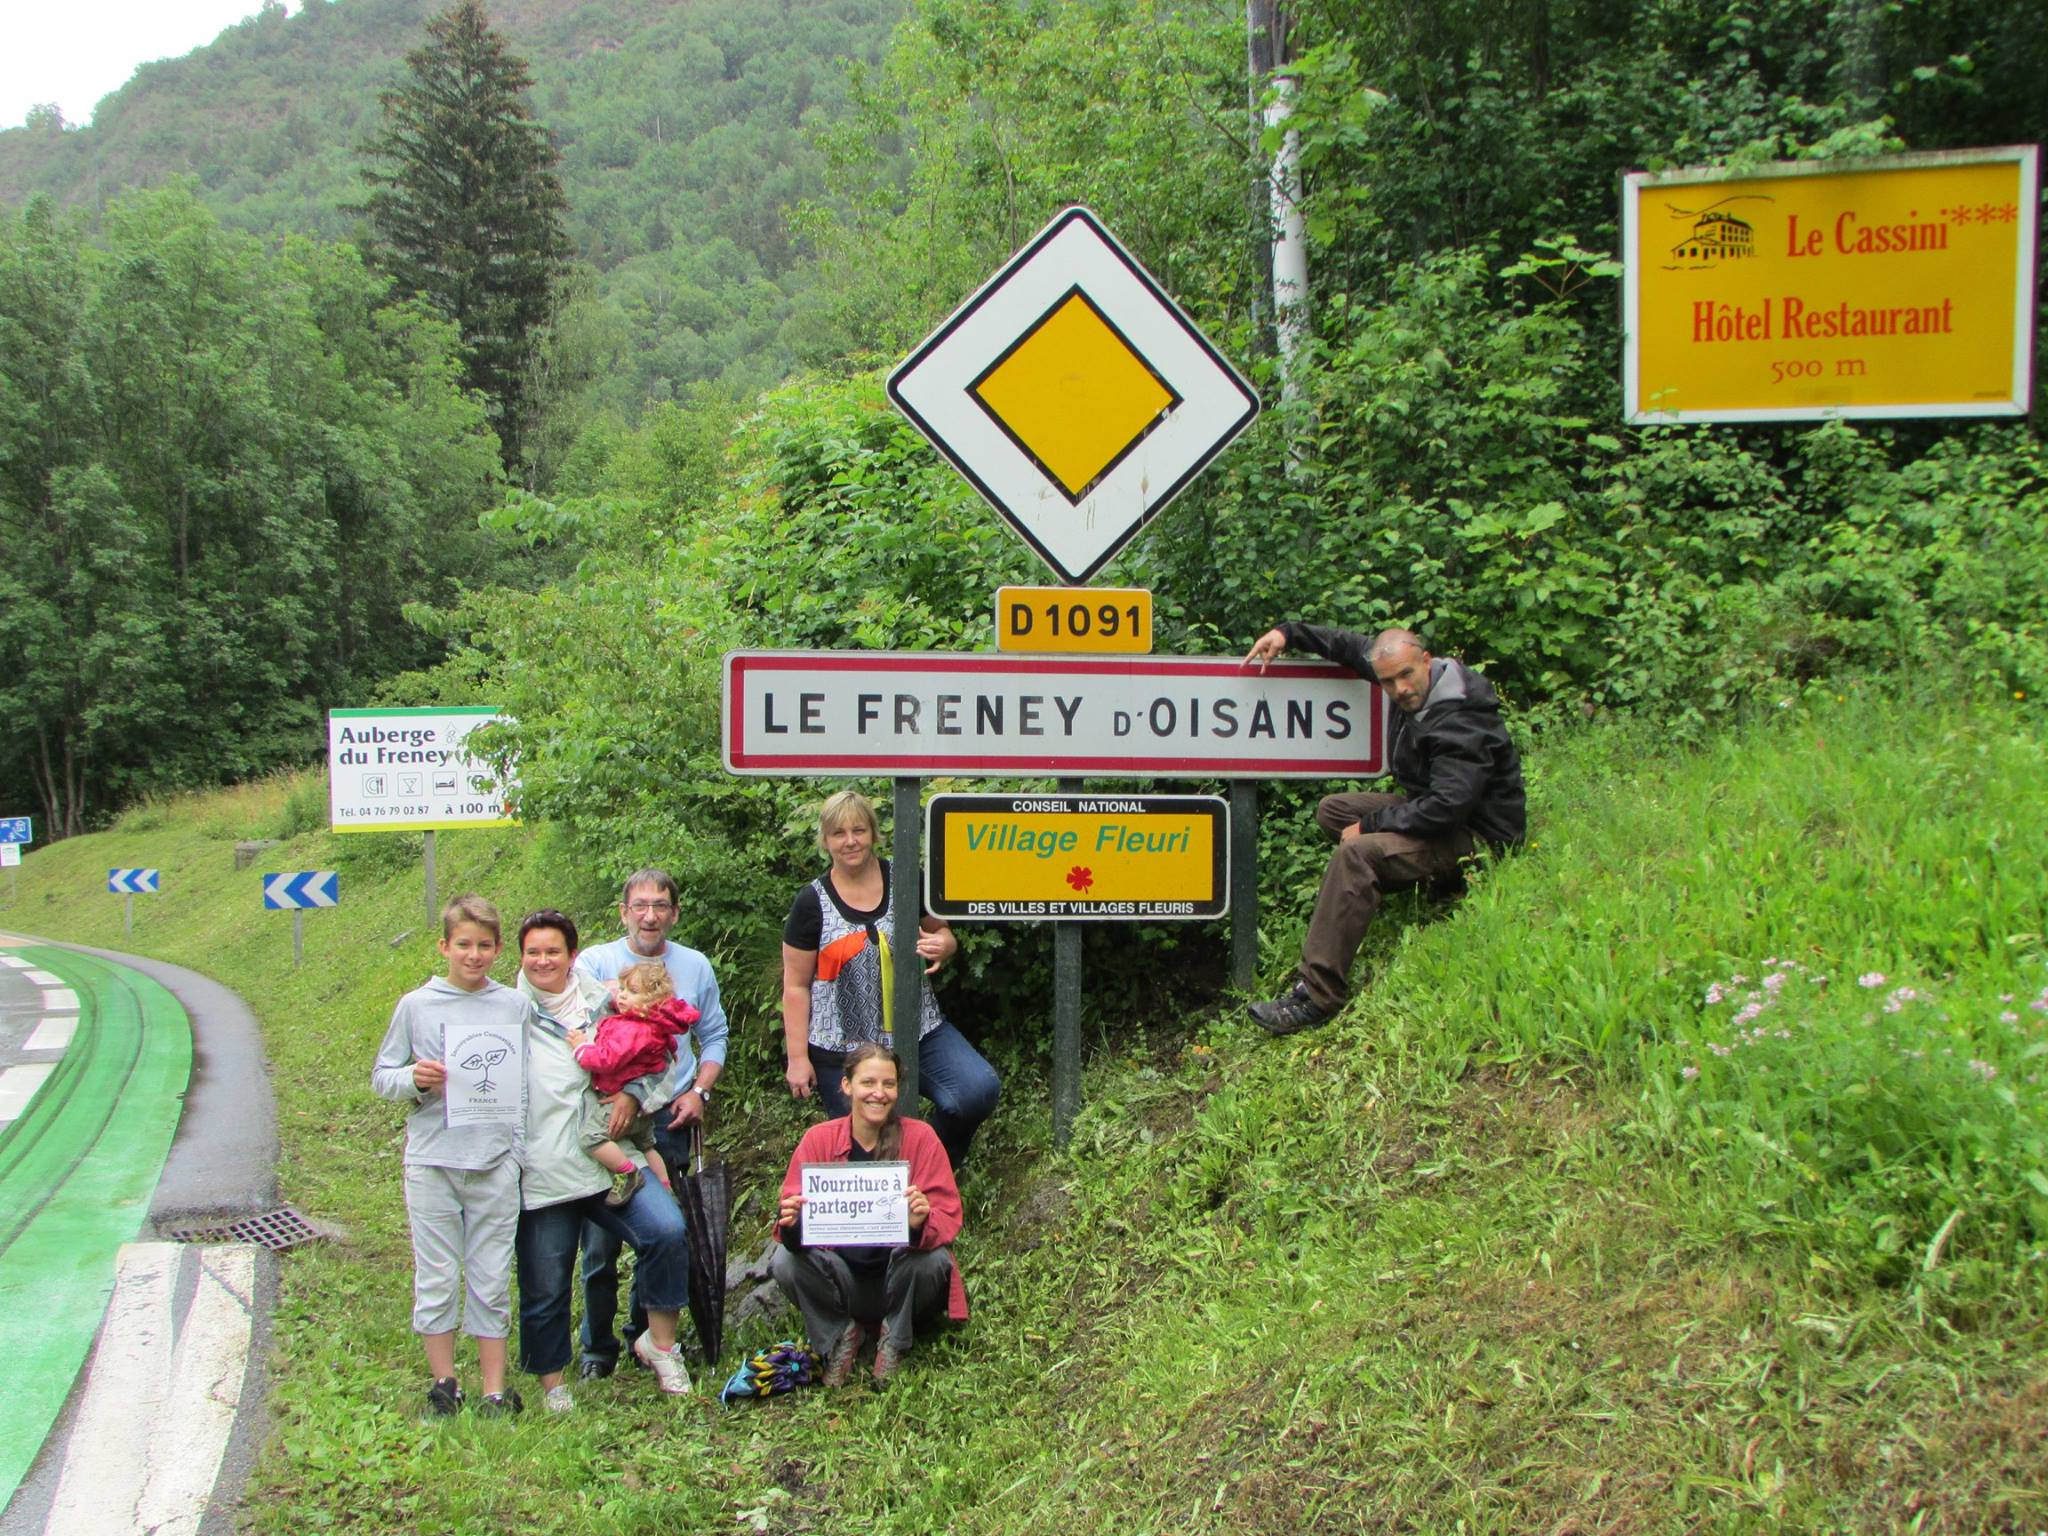 LE FRENEY D'OISANS